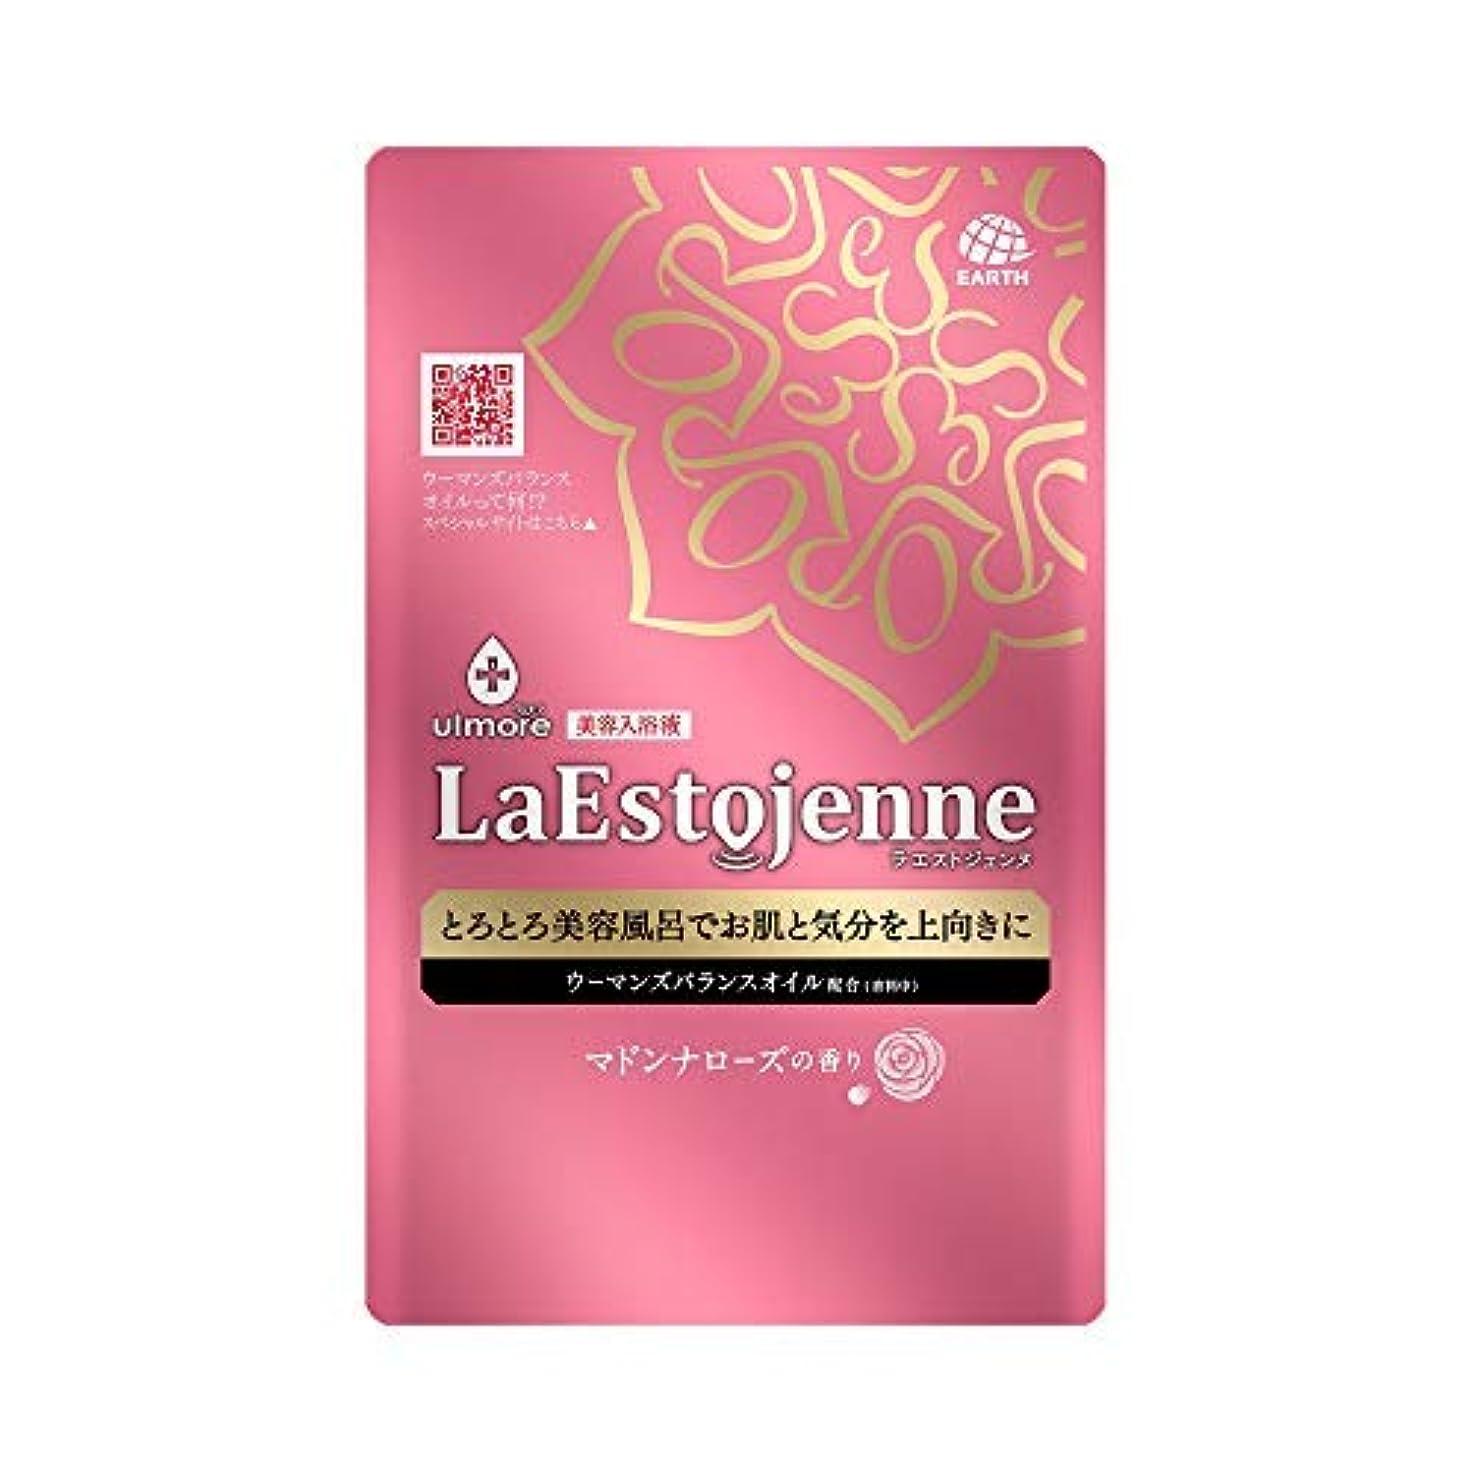 マッシュ退却解明するウルモア ラエストジェンヌ マドンナローズの香り 1包 × 8個セット